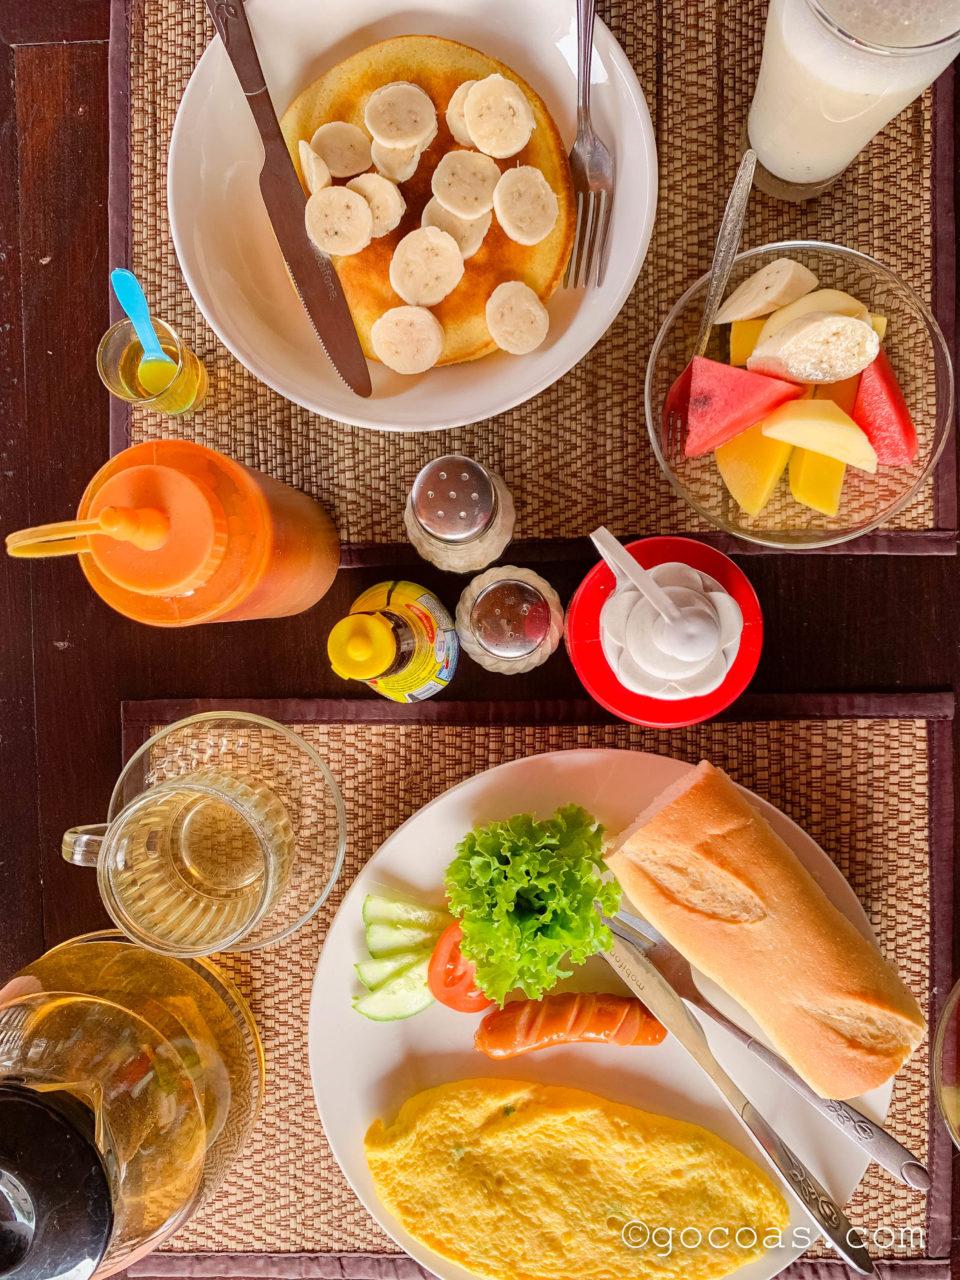 ヴィラ ラタナコンの朝食のパンケーキとパンと卵とフルーツ